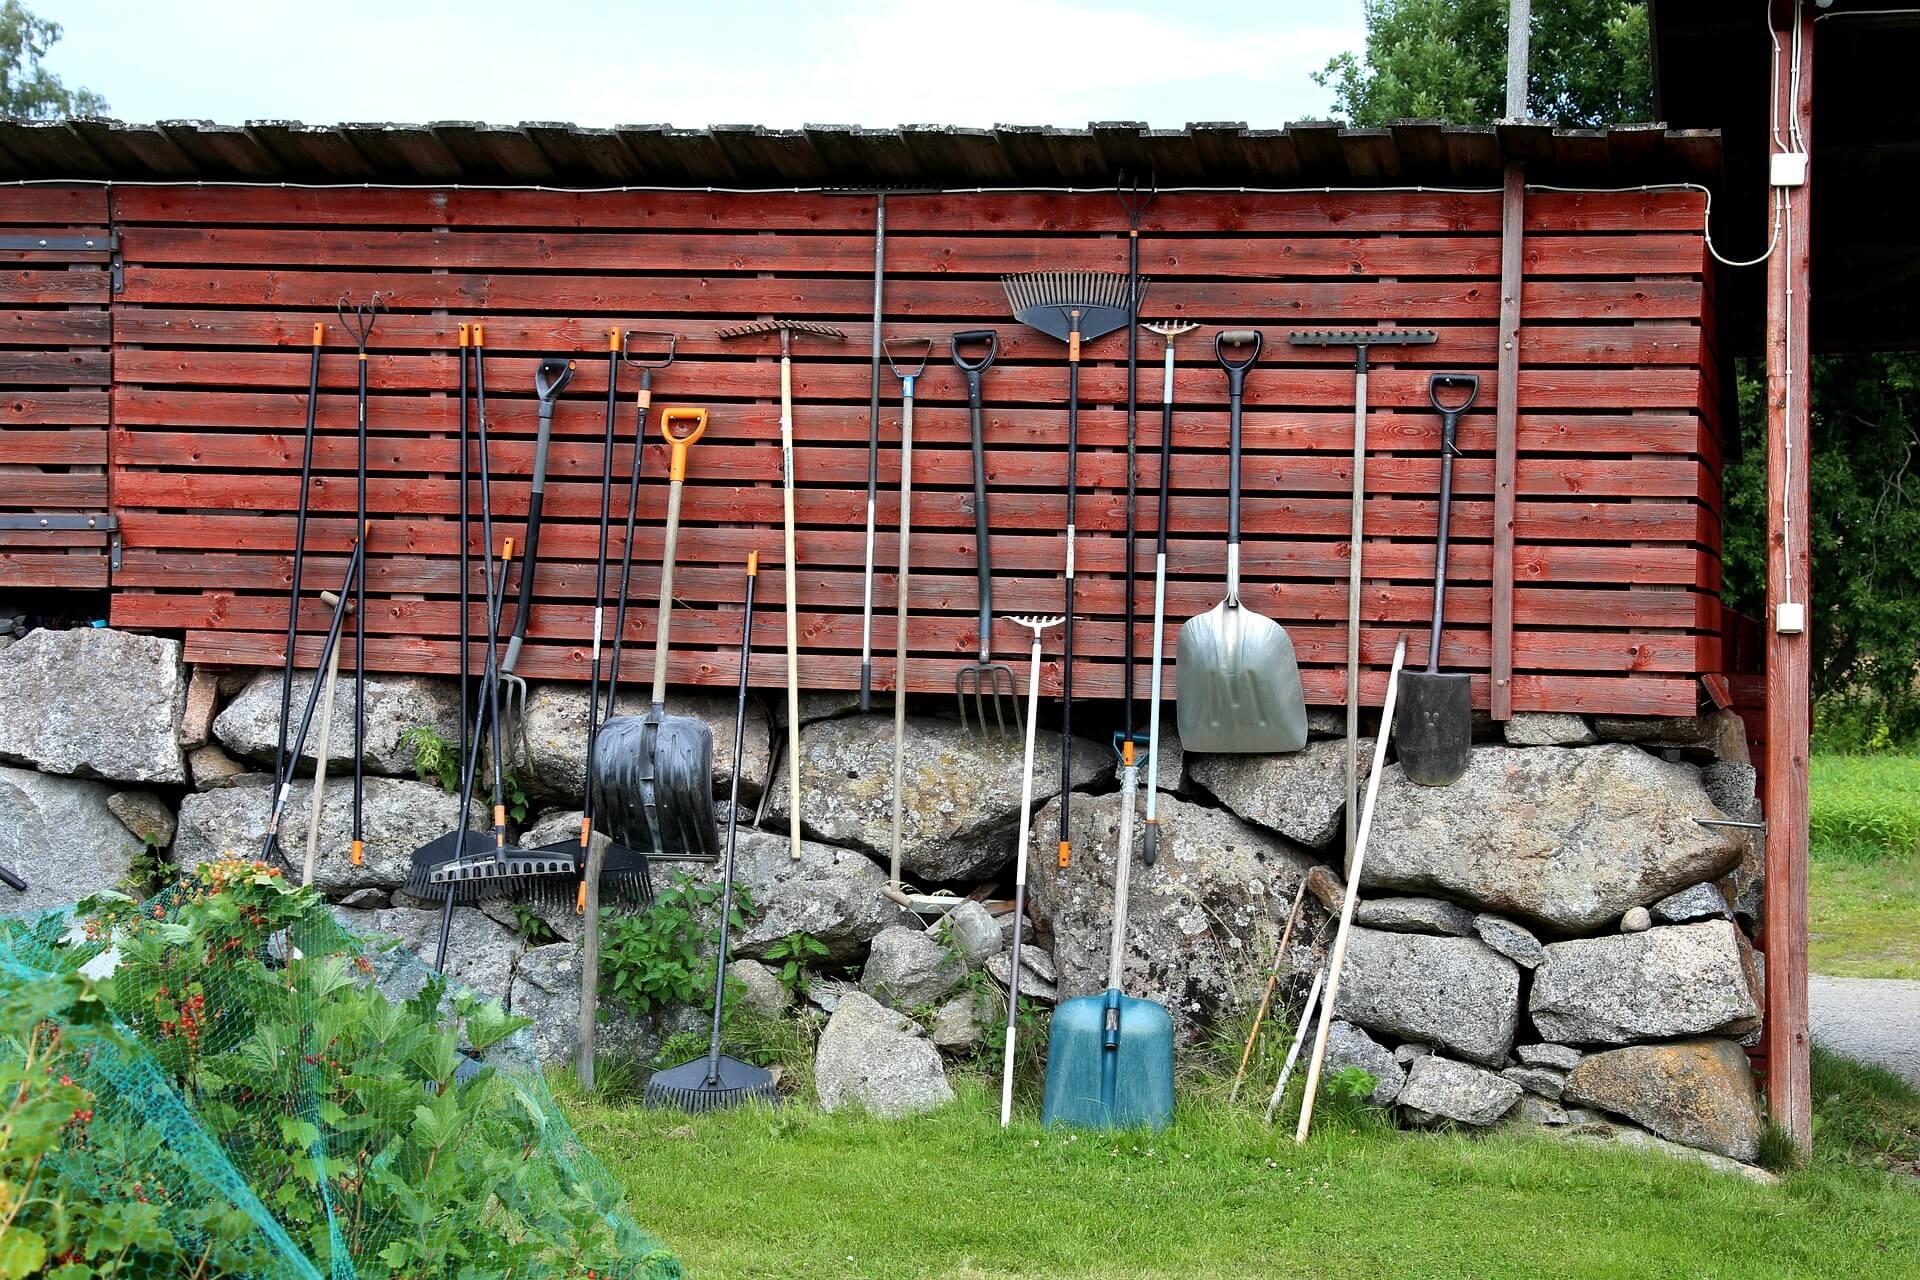 Продажи садового инвентаря возвращаются к допандемийному уровню